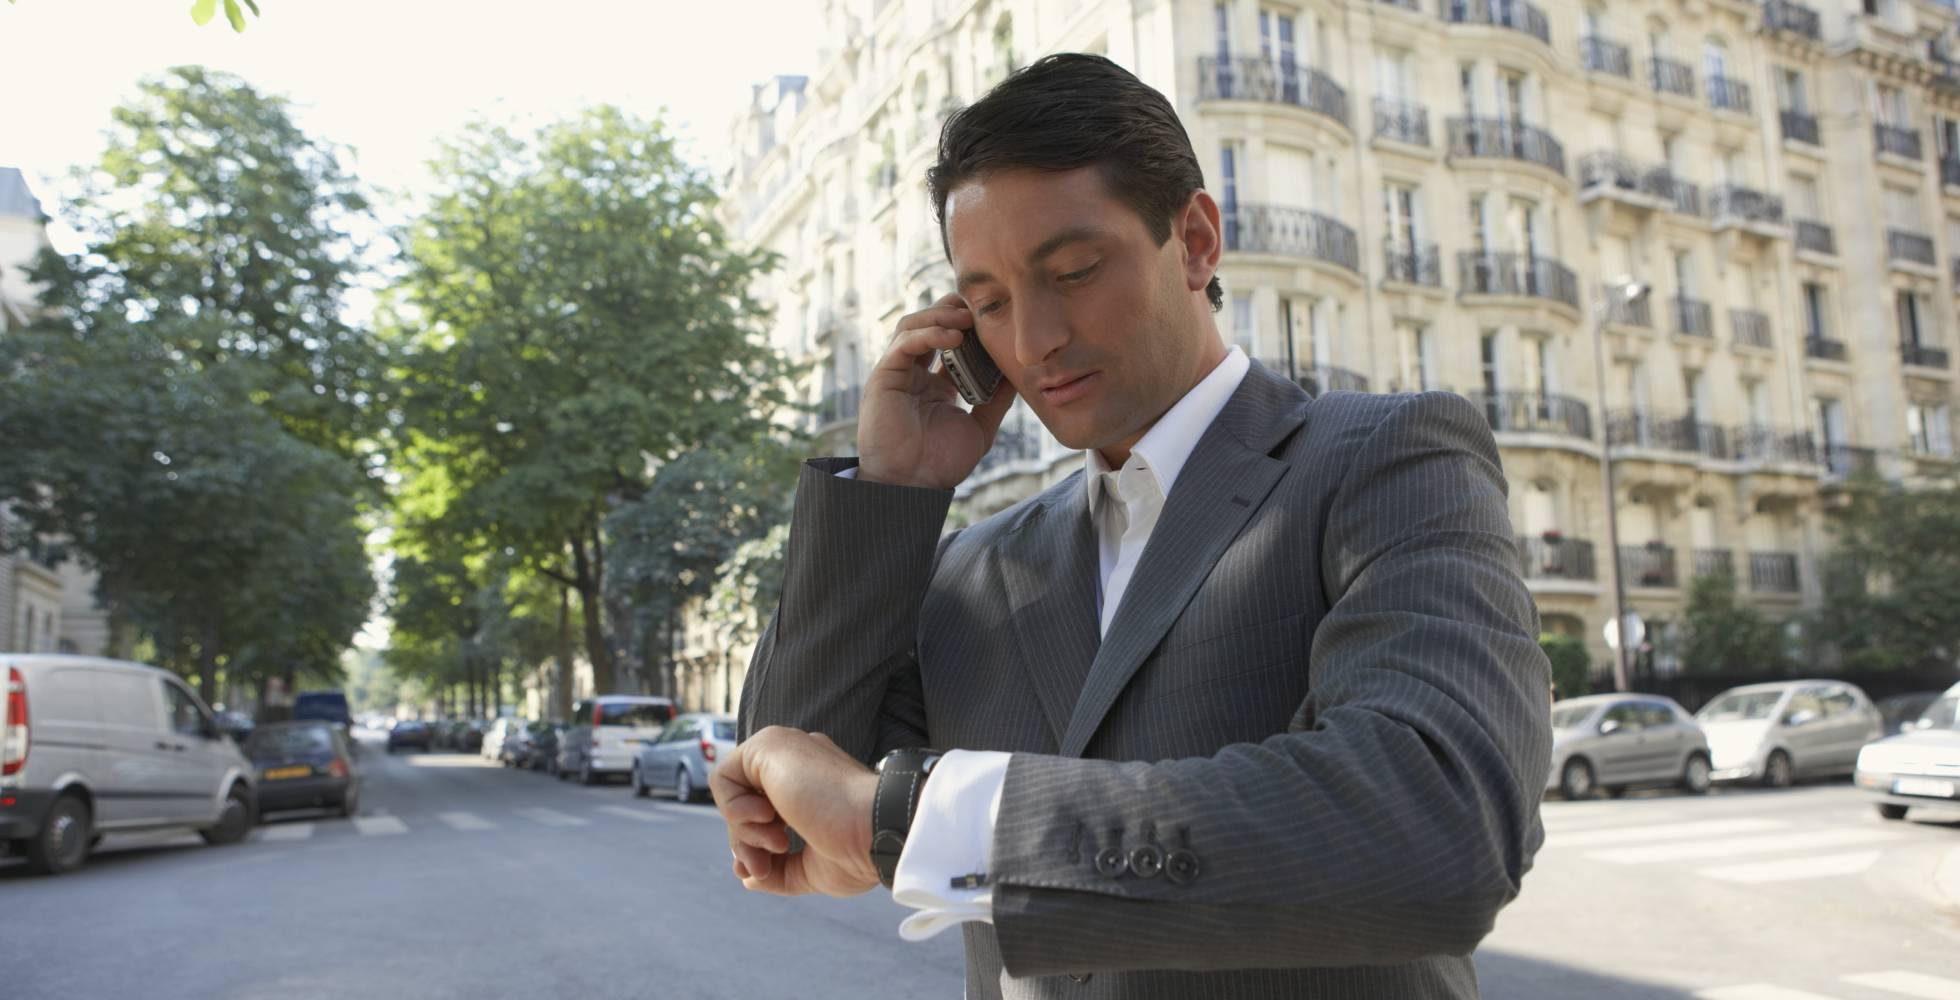 Los clientes marcan el horario laboral de los abogados